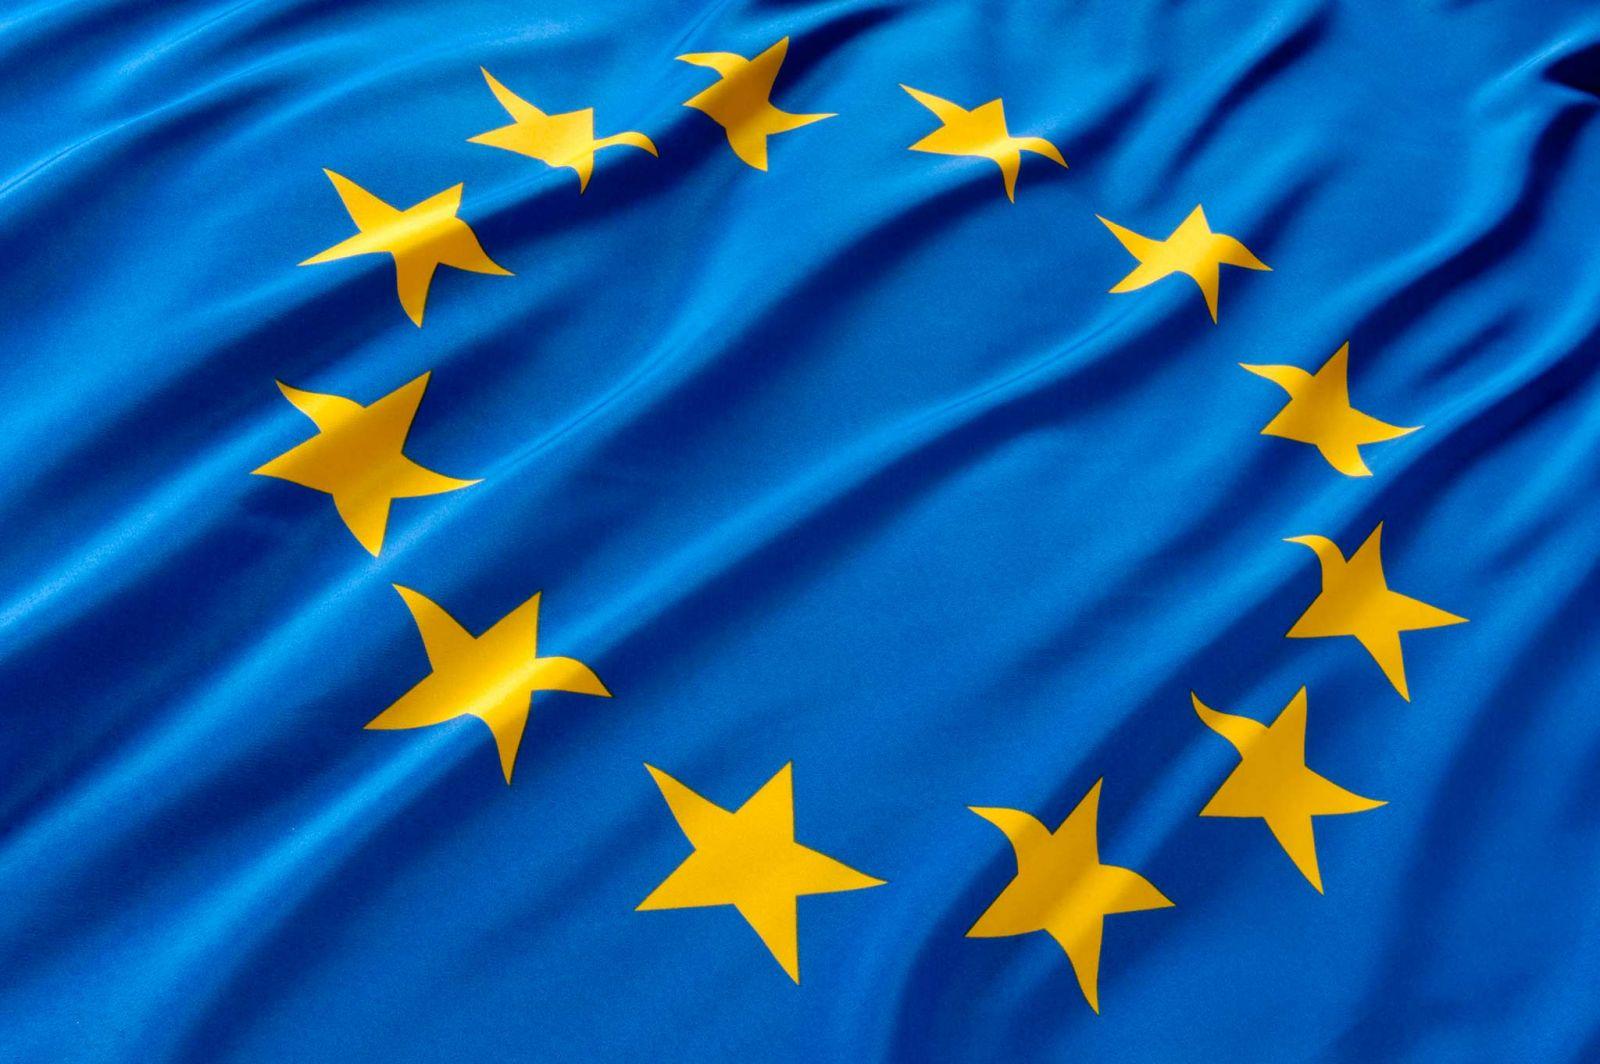 ЕС грозит приостановить действие безвиза для некоторых стран